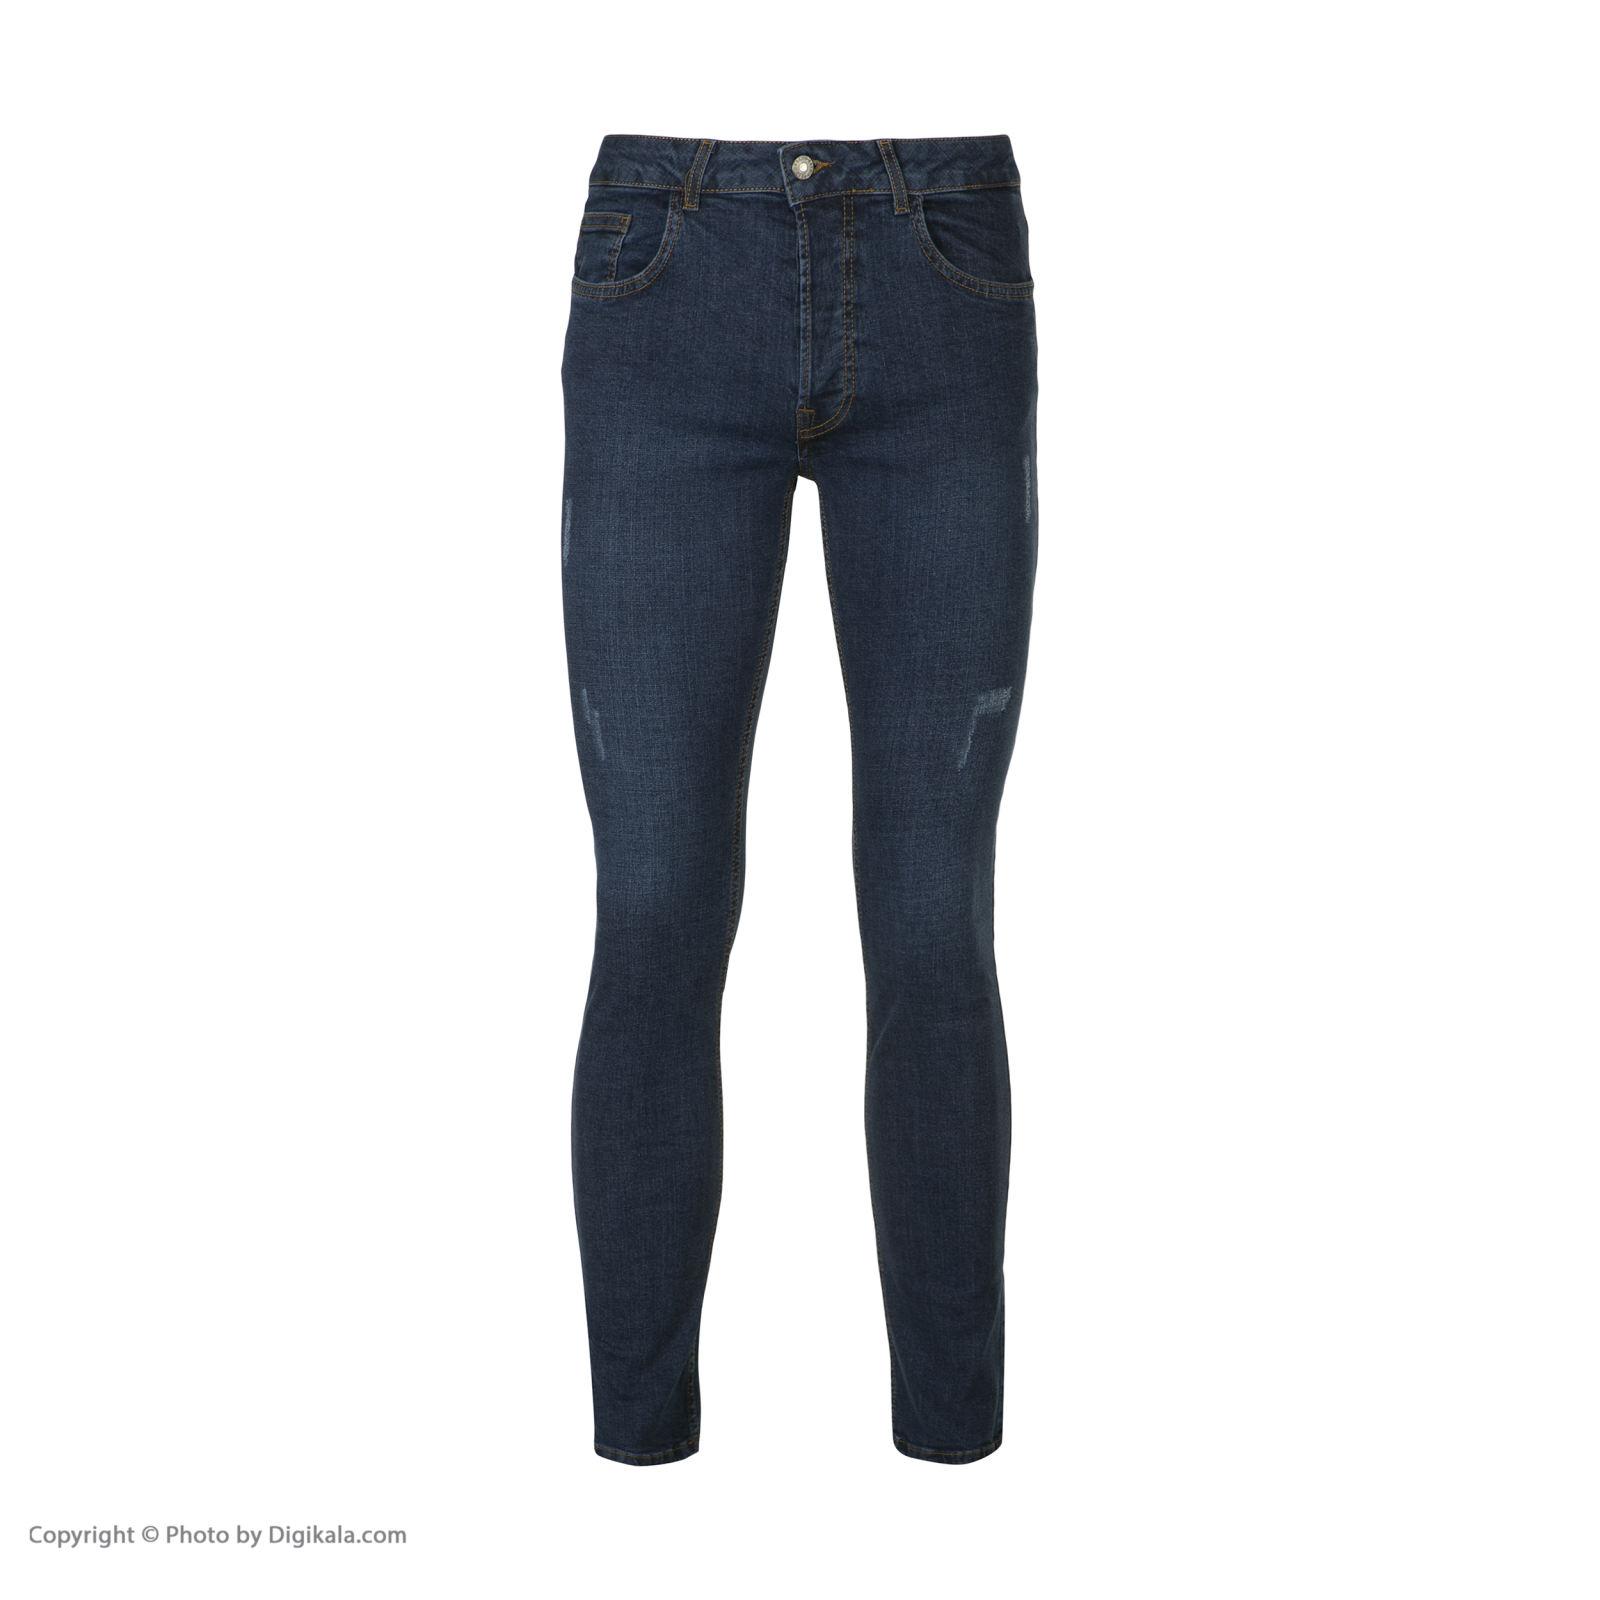 شلوار جین مردانه آر اِن اِس مدل 133051-59 -  - 2